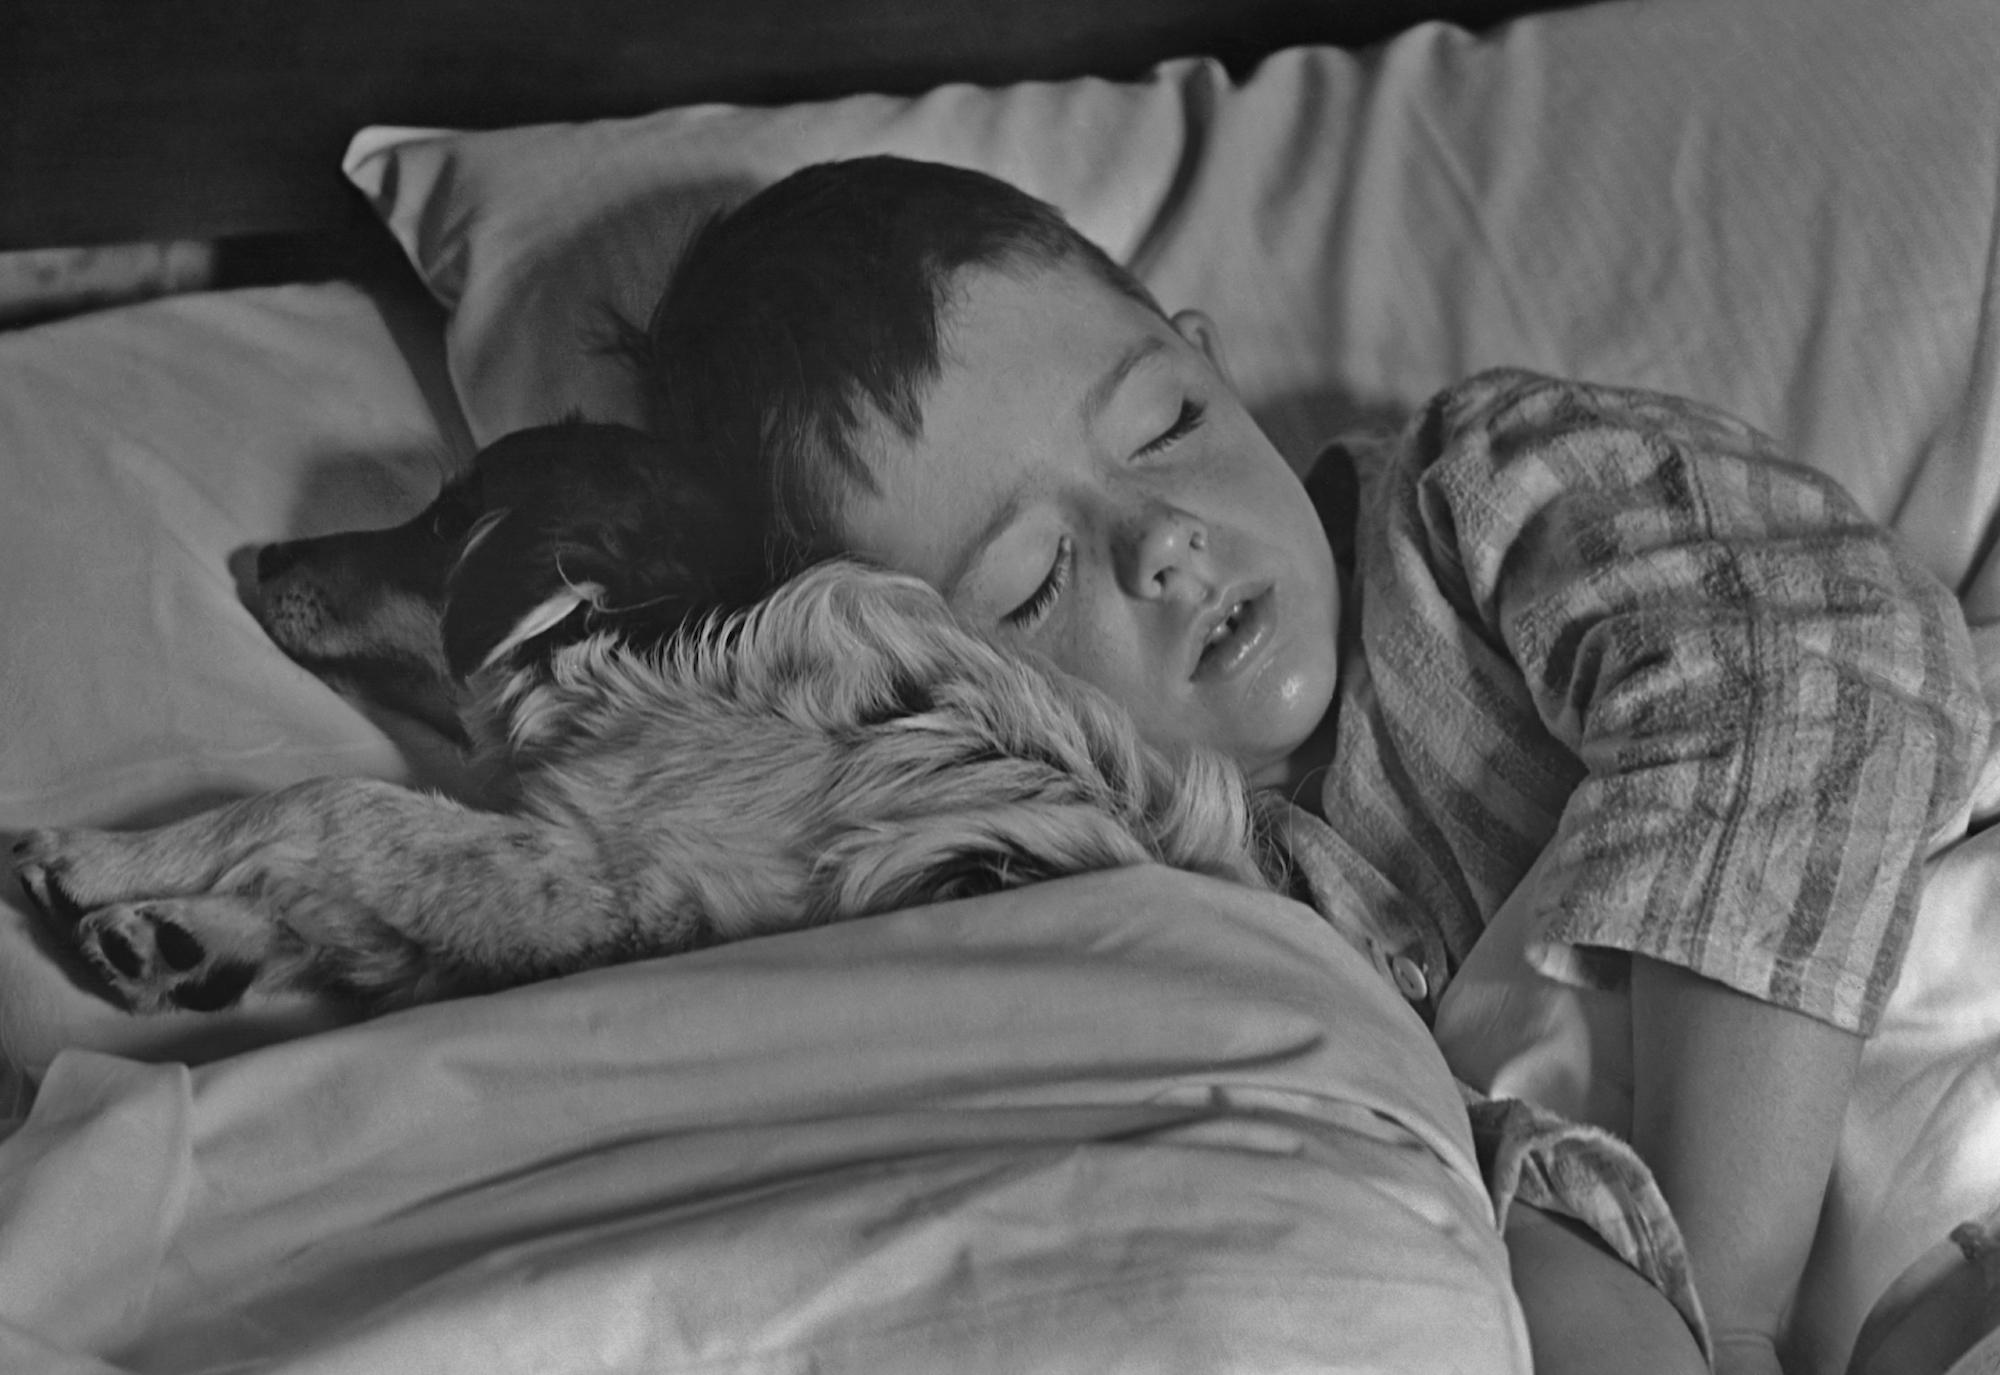 Foto Día Mundial del Sueño: Un recordatorio sobre la importancia de dormir bien 5 marzo 2020